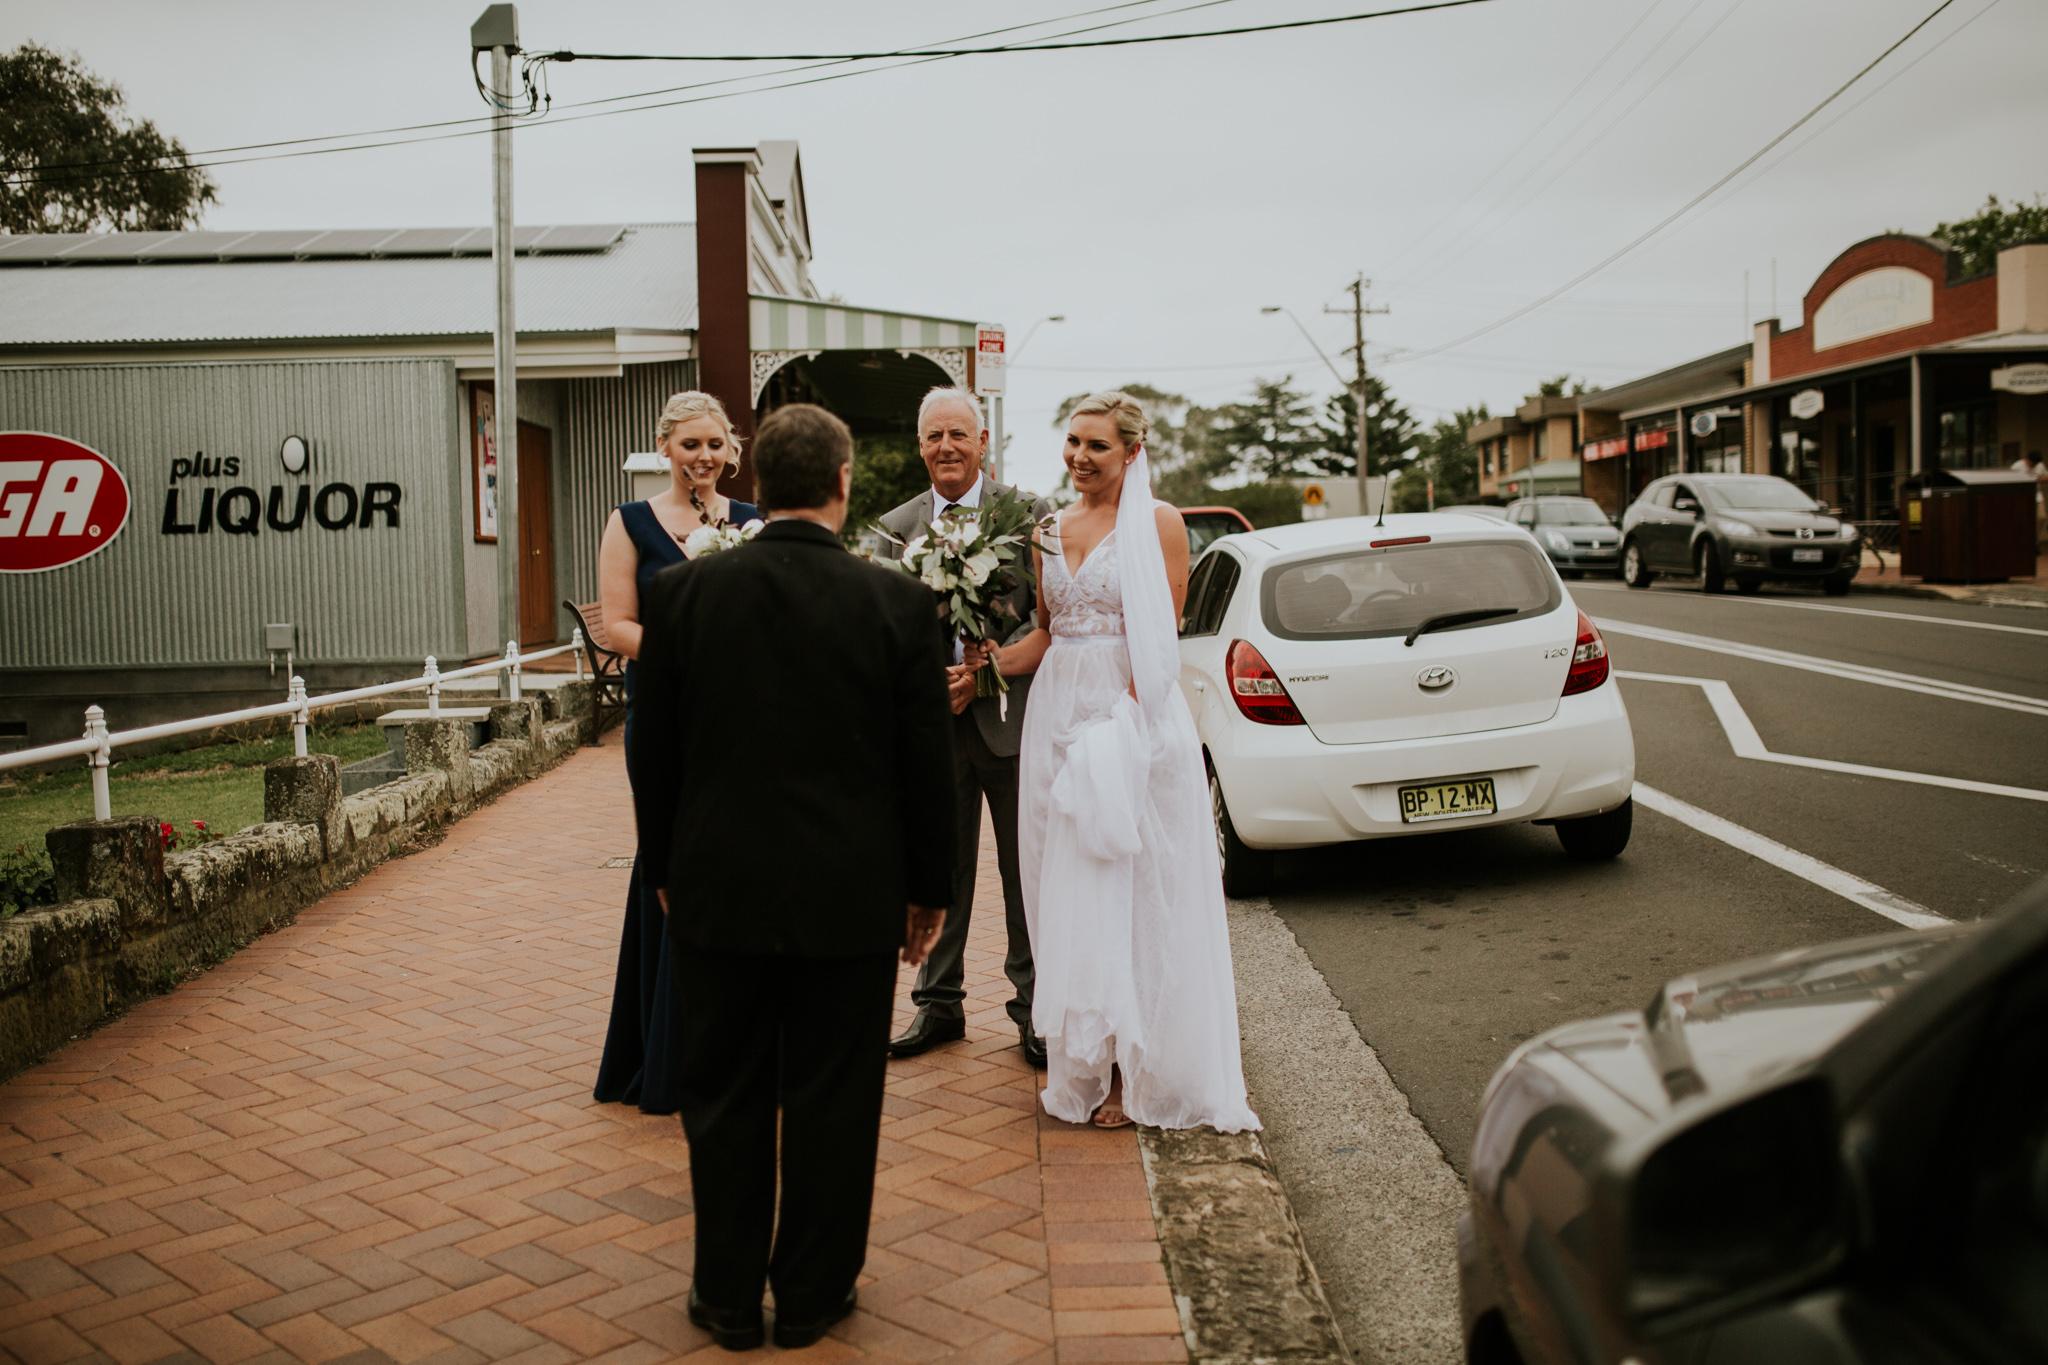 Lucy+Kyle+Kiama+Sebel+wedding-50.jpg